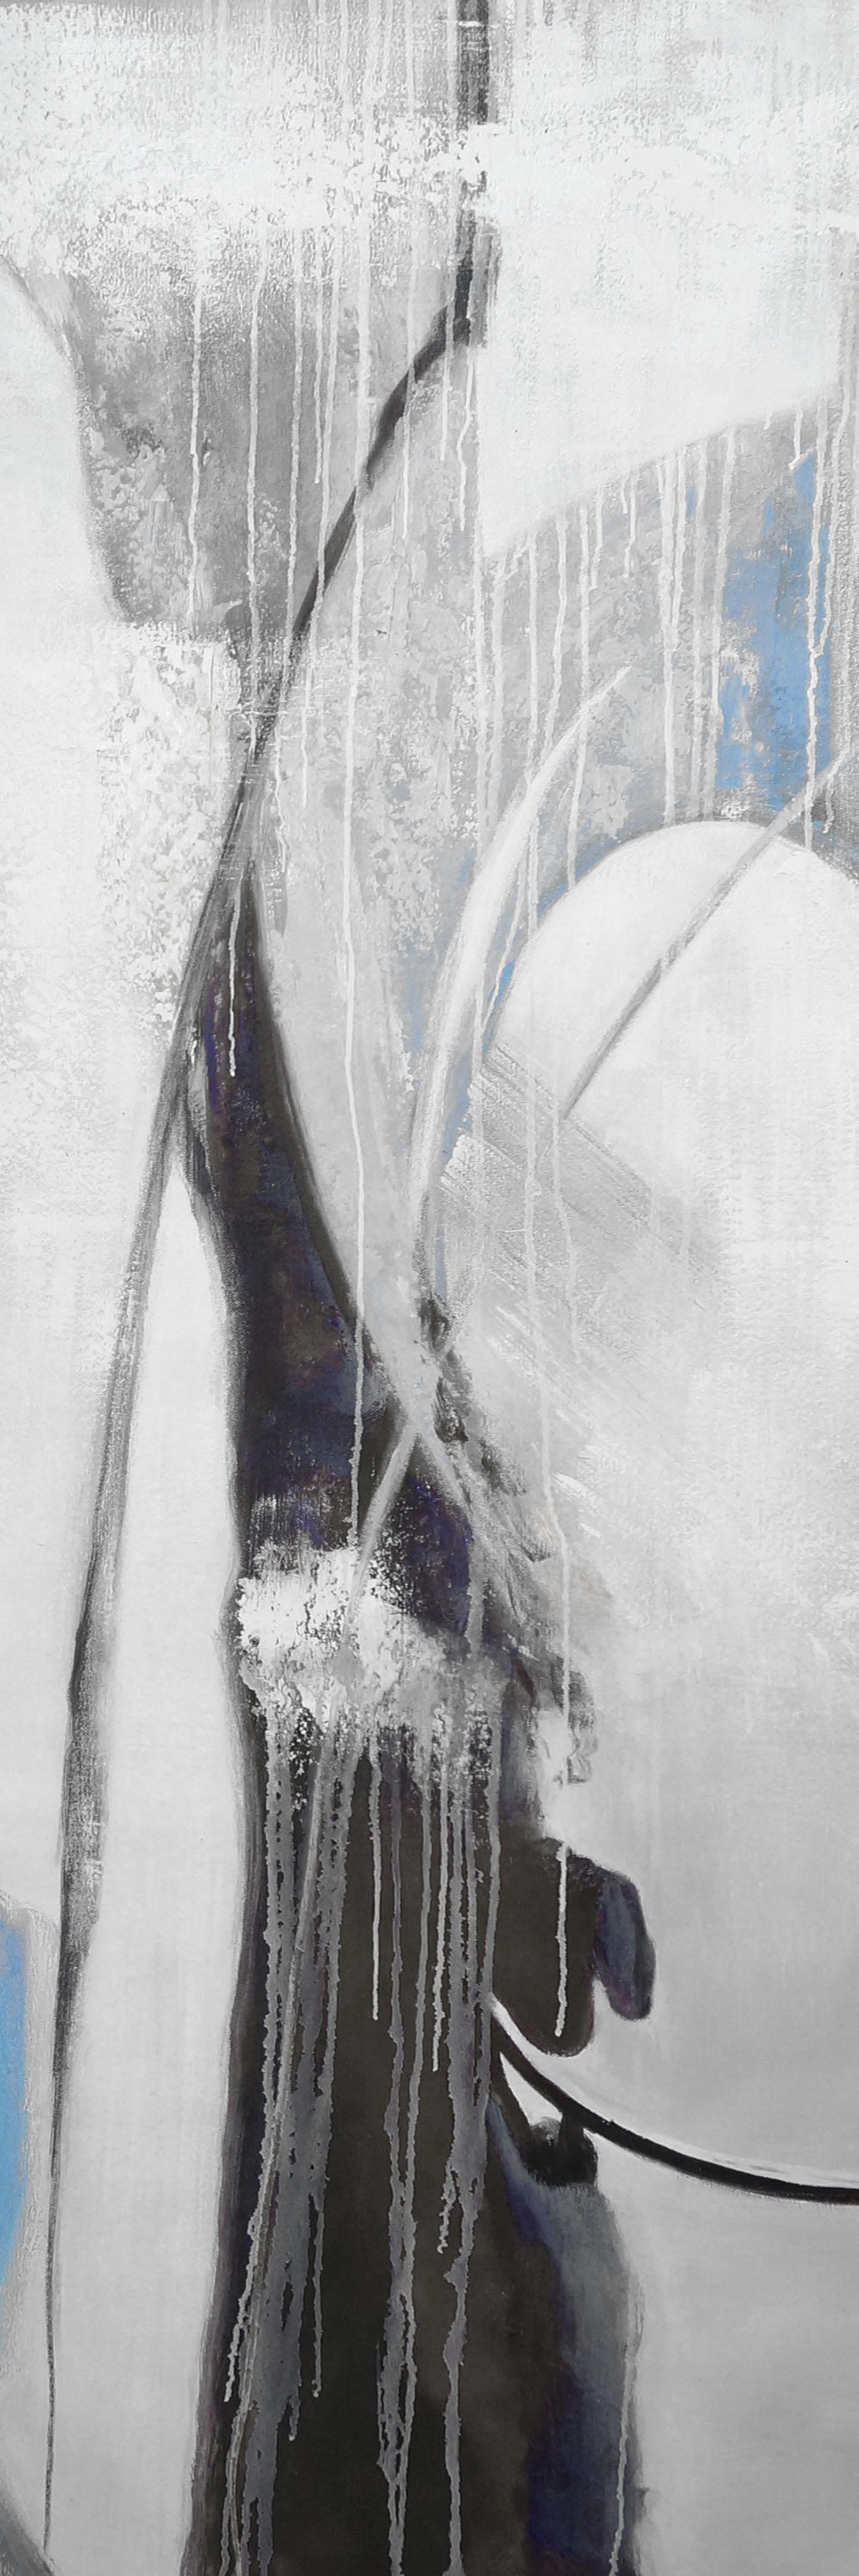 73008 schidlerij abstract Vanti